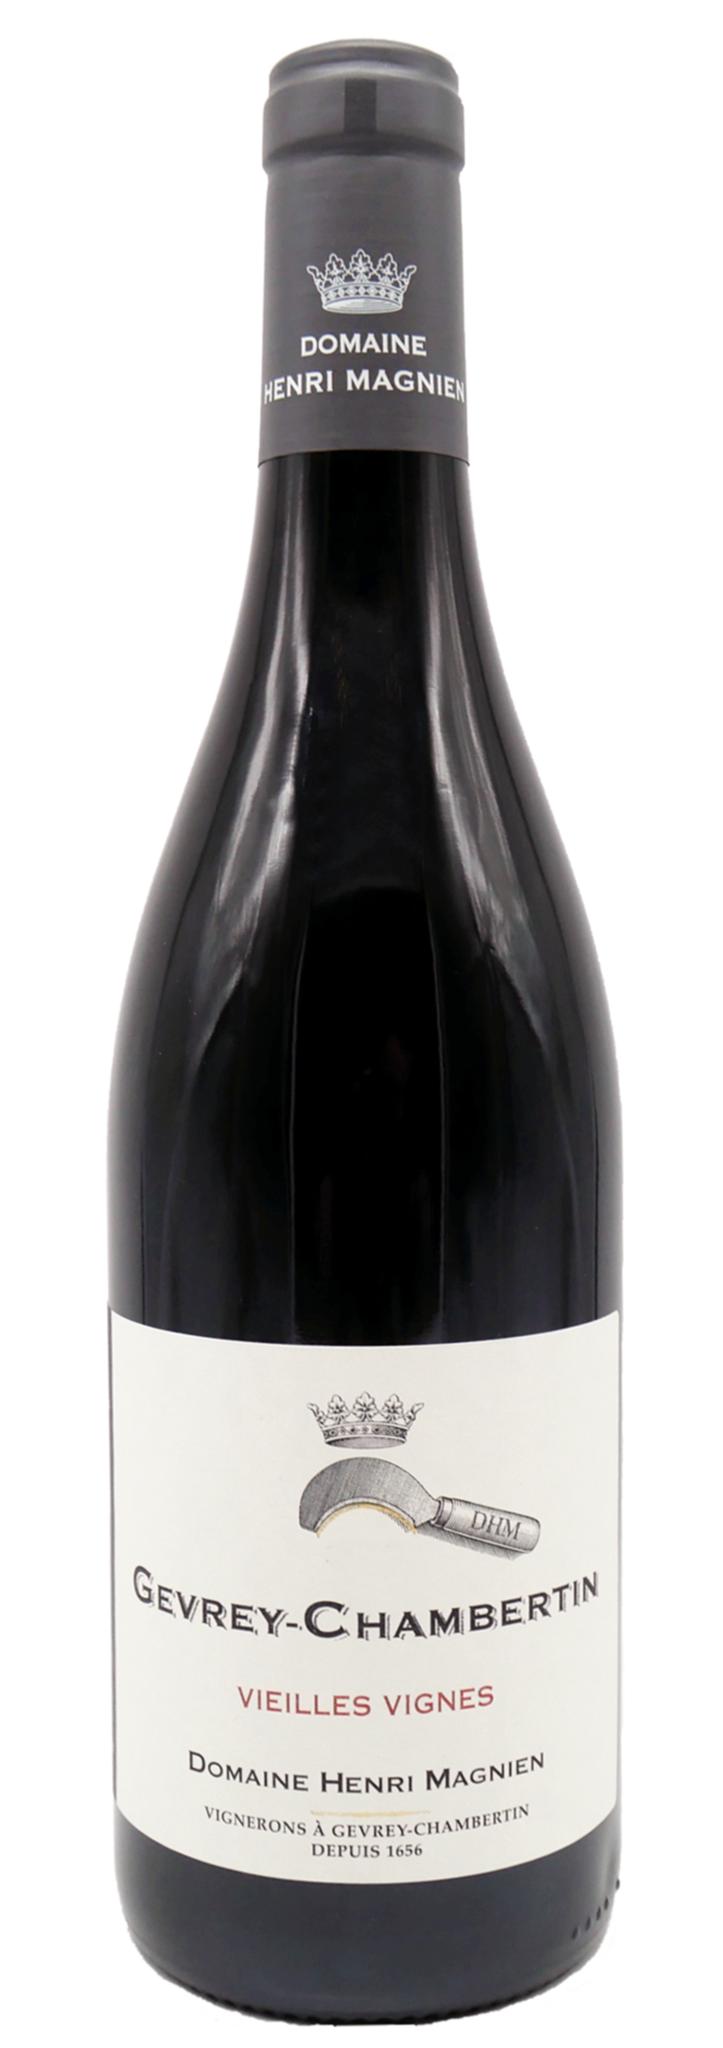 Magnien, Henri - Burgund 2018 Gevrey-Chambertin Vieilles Vignes, Domaine Henri Magnien